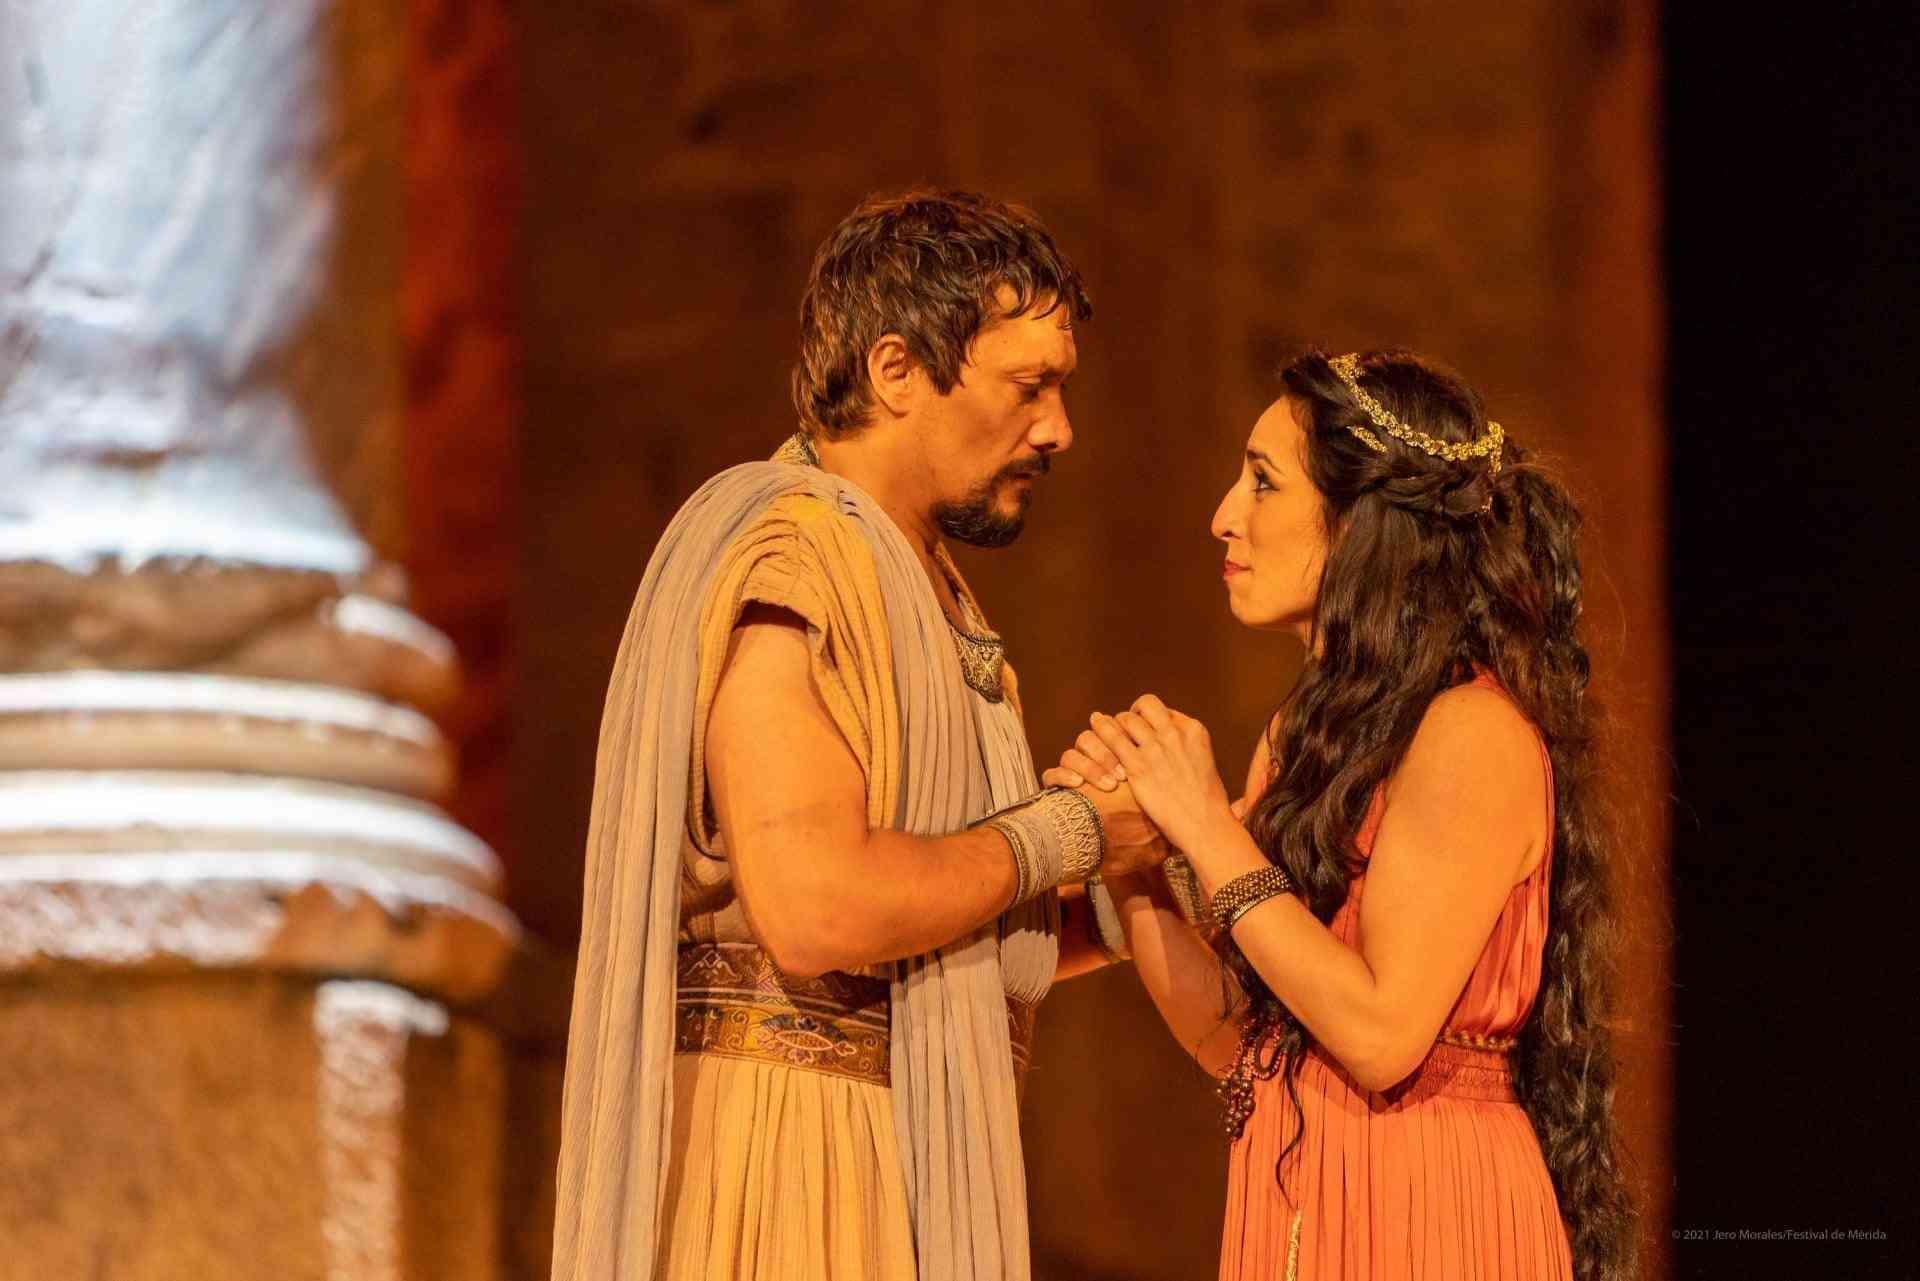 El vestuario de Rafael Garrigós, vuelve a brillar sobre el teatro romano de Mérida 17